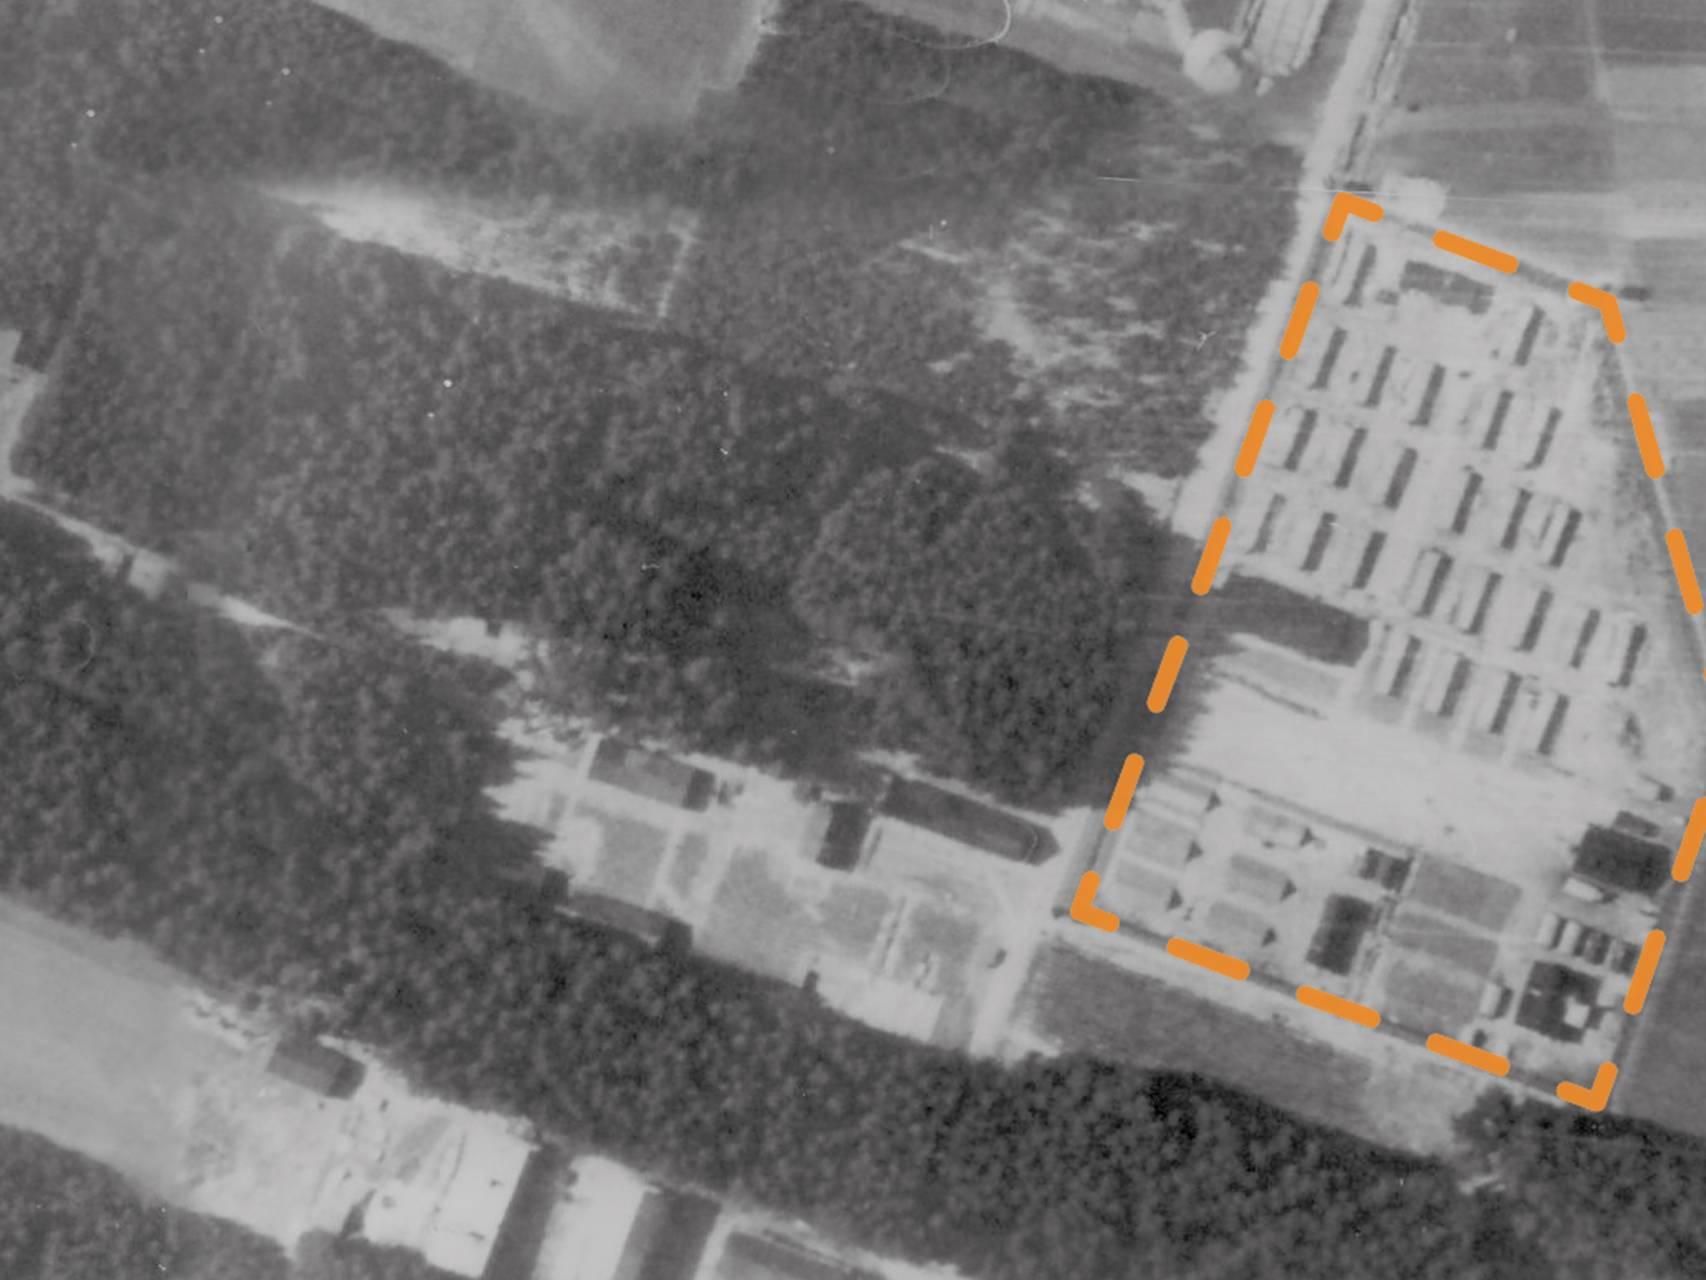 Luftbildaufnahme des KZ-Lagers Kaufering VI.